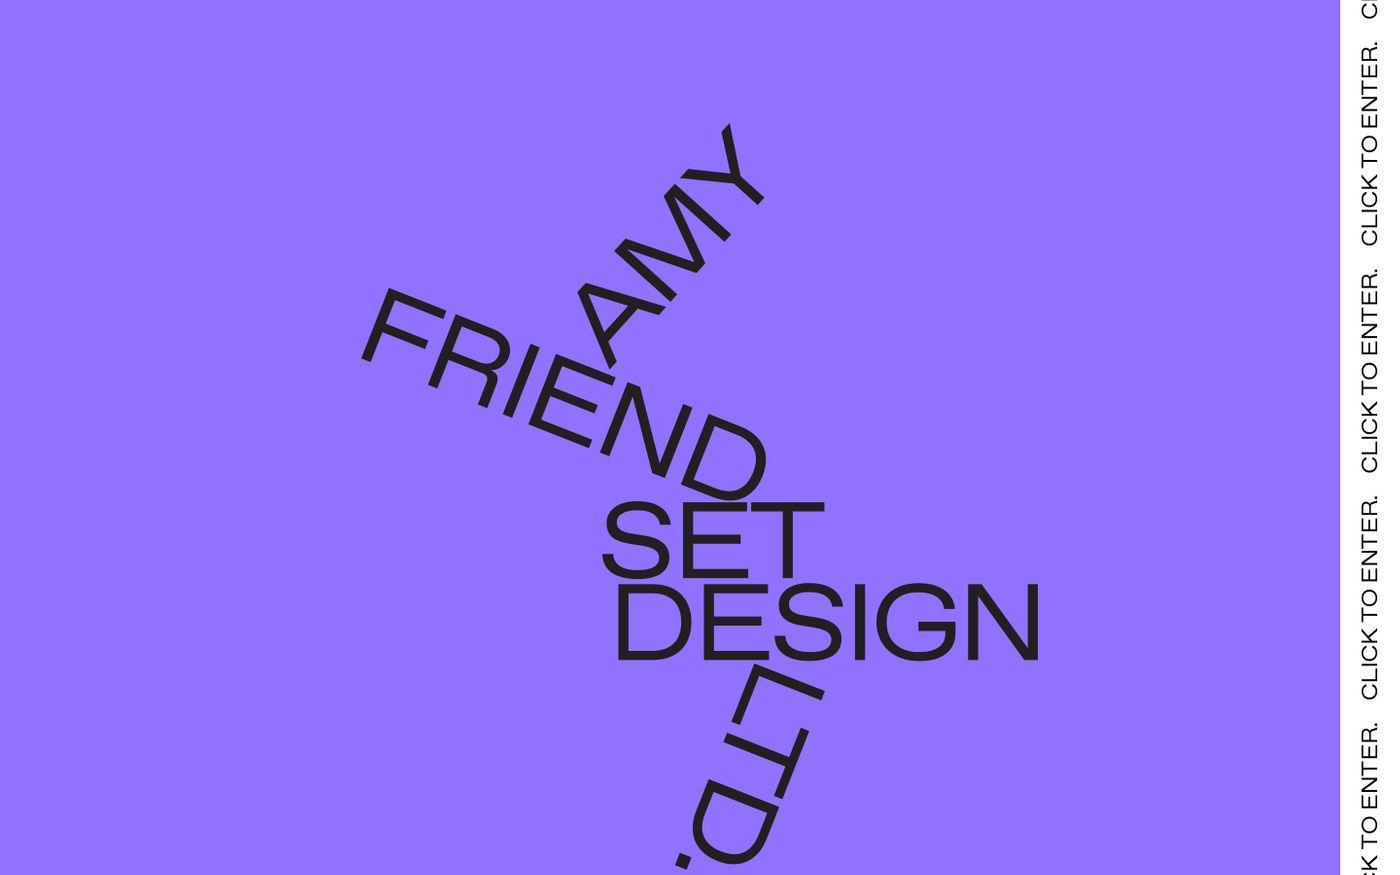 Screenshot of Amy Friend website